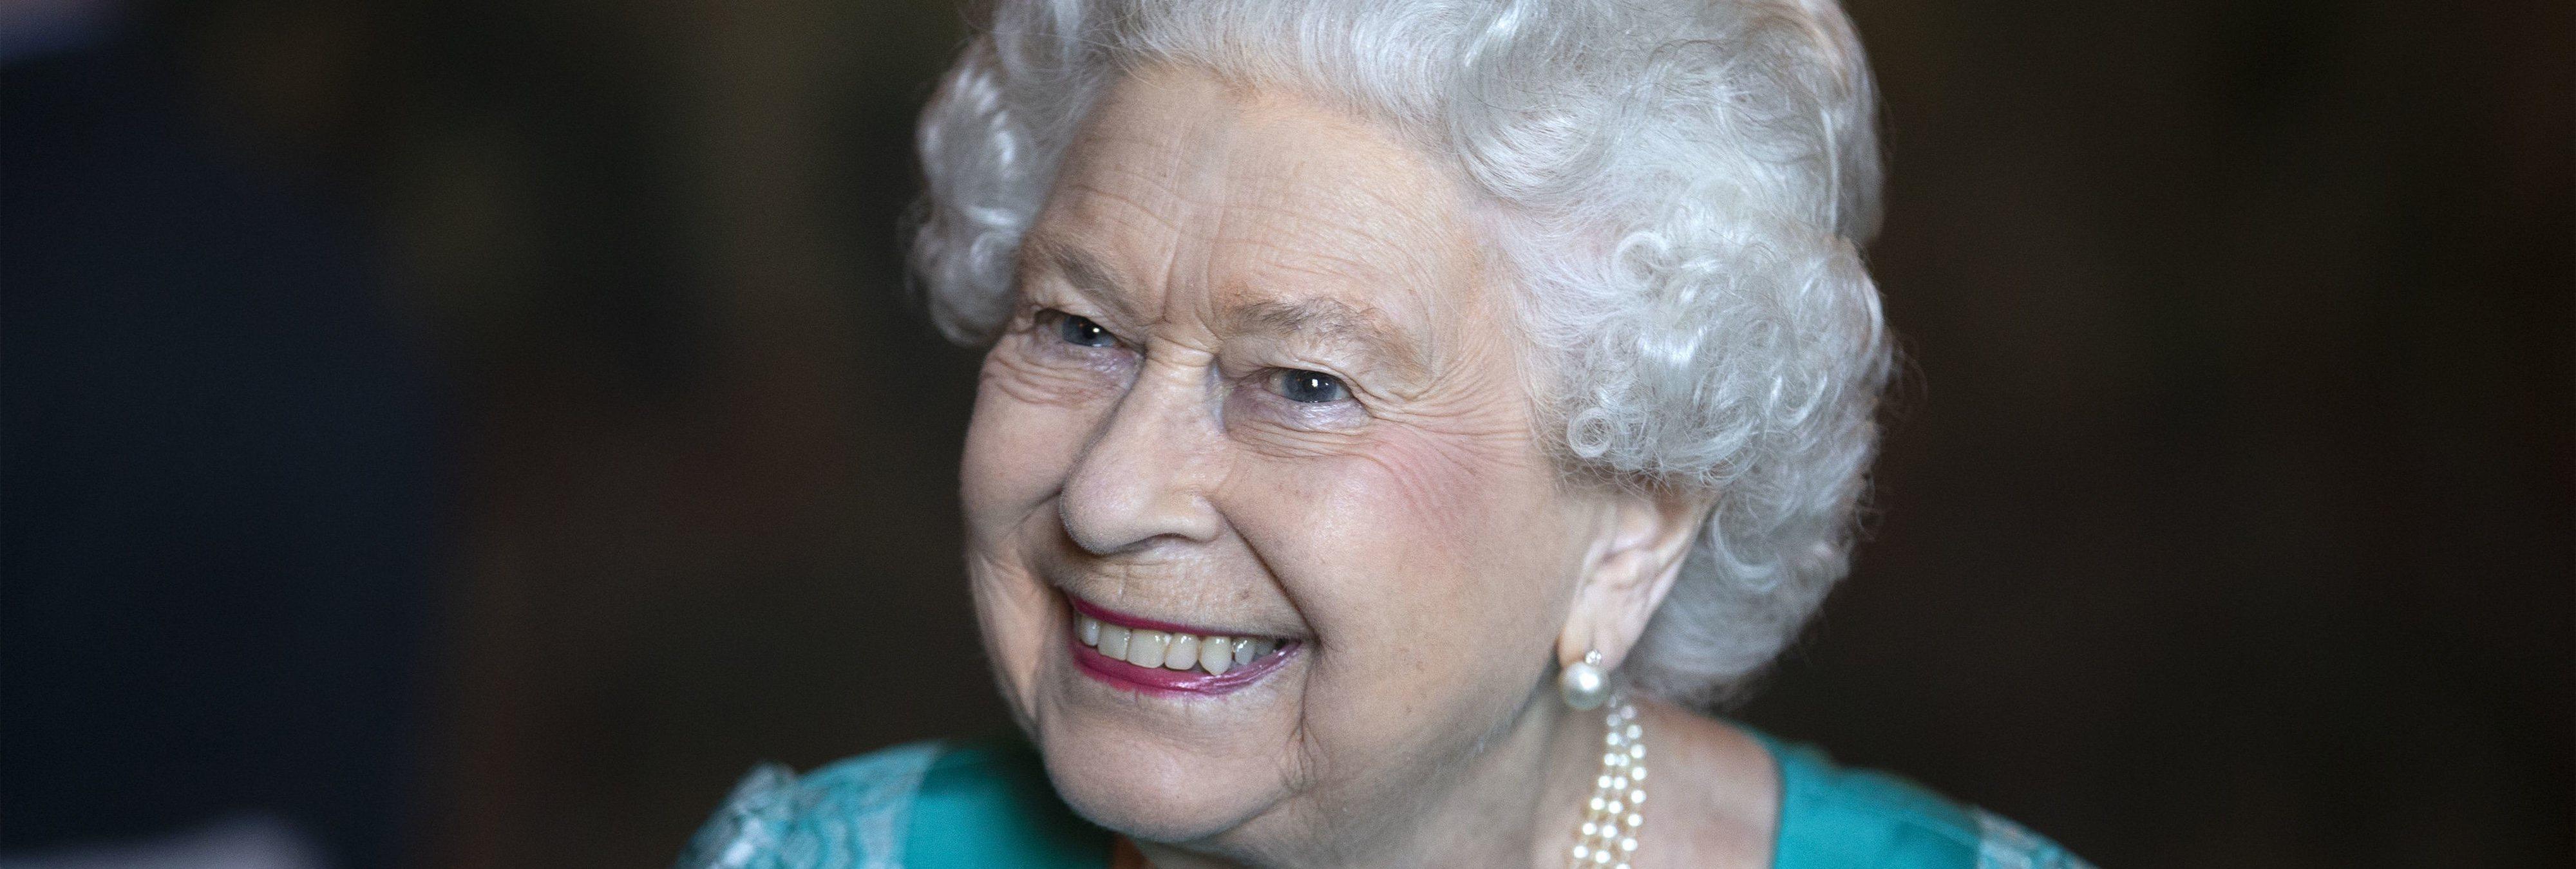 El secreto de la 'inmortalidad' de la reina Isabel II